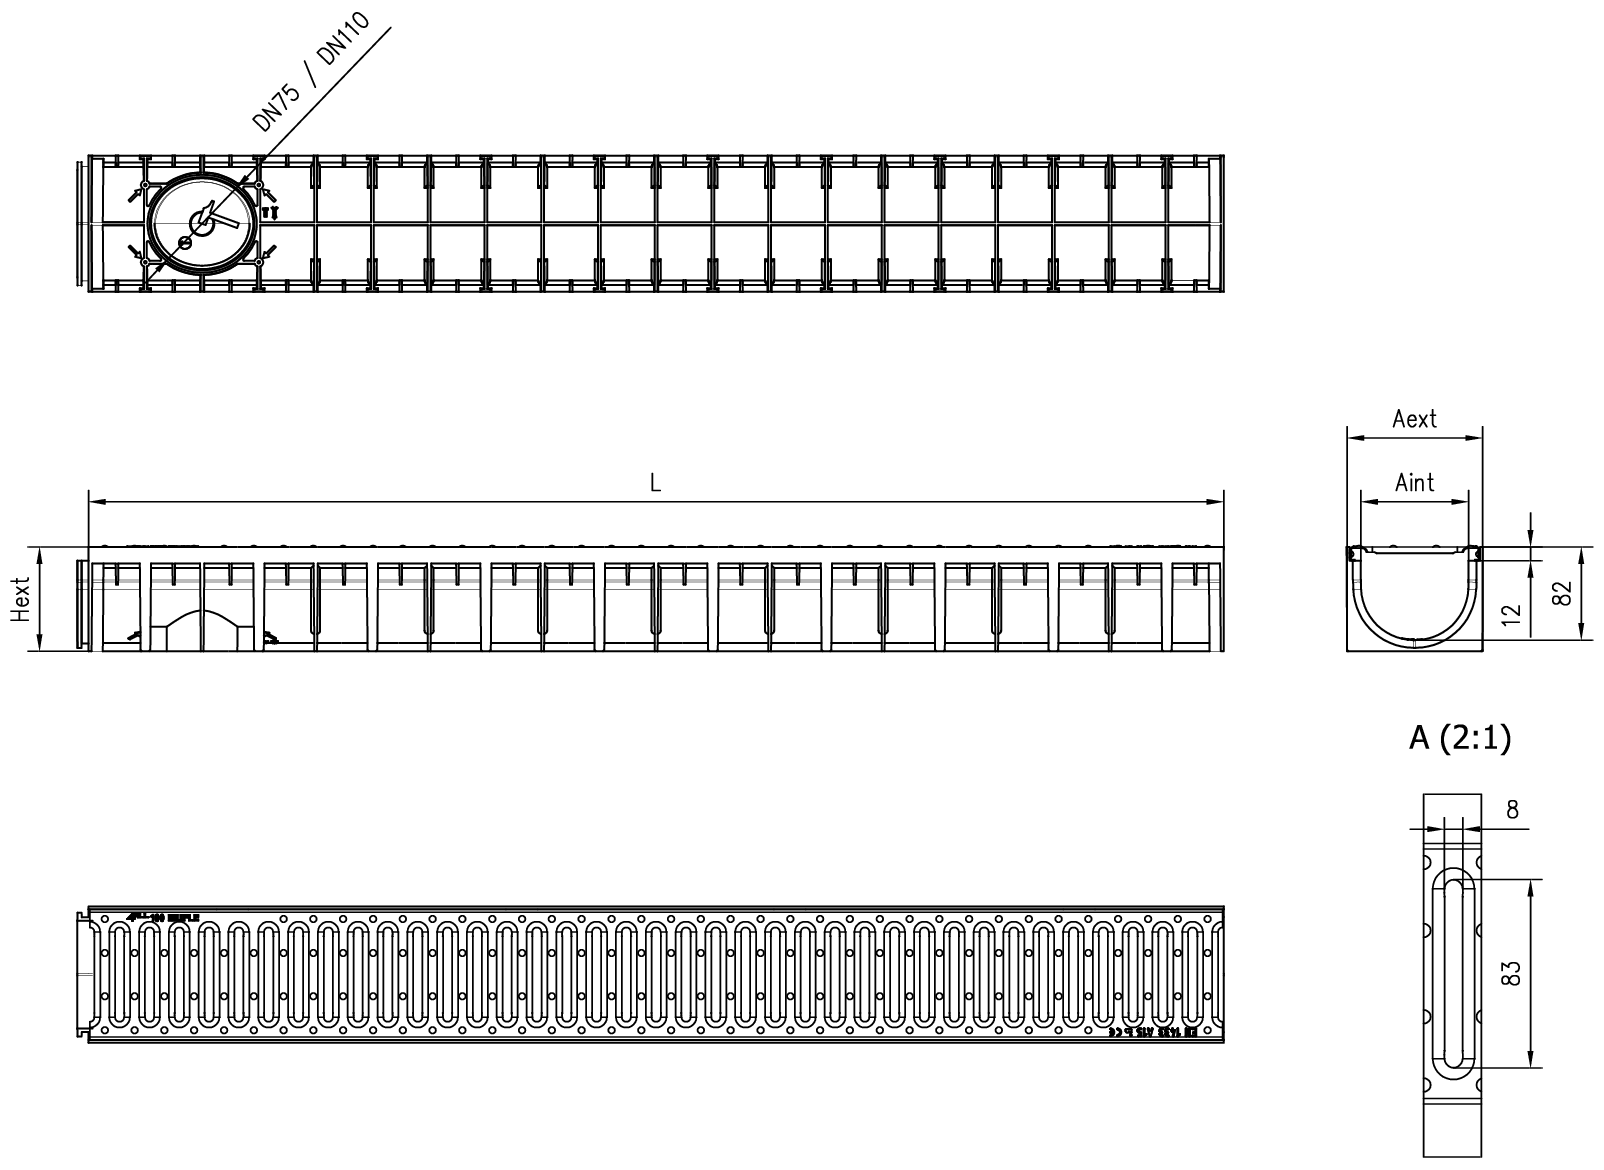 Esquema técnico del canal MUFLE 4ALL H92 en polipropileno negro con reja pasarela de acero inoxidable AISI304 clase de carga A15.